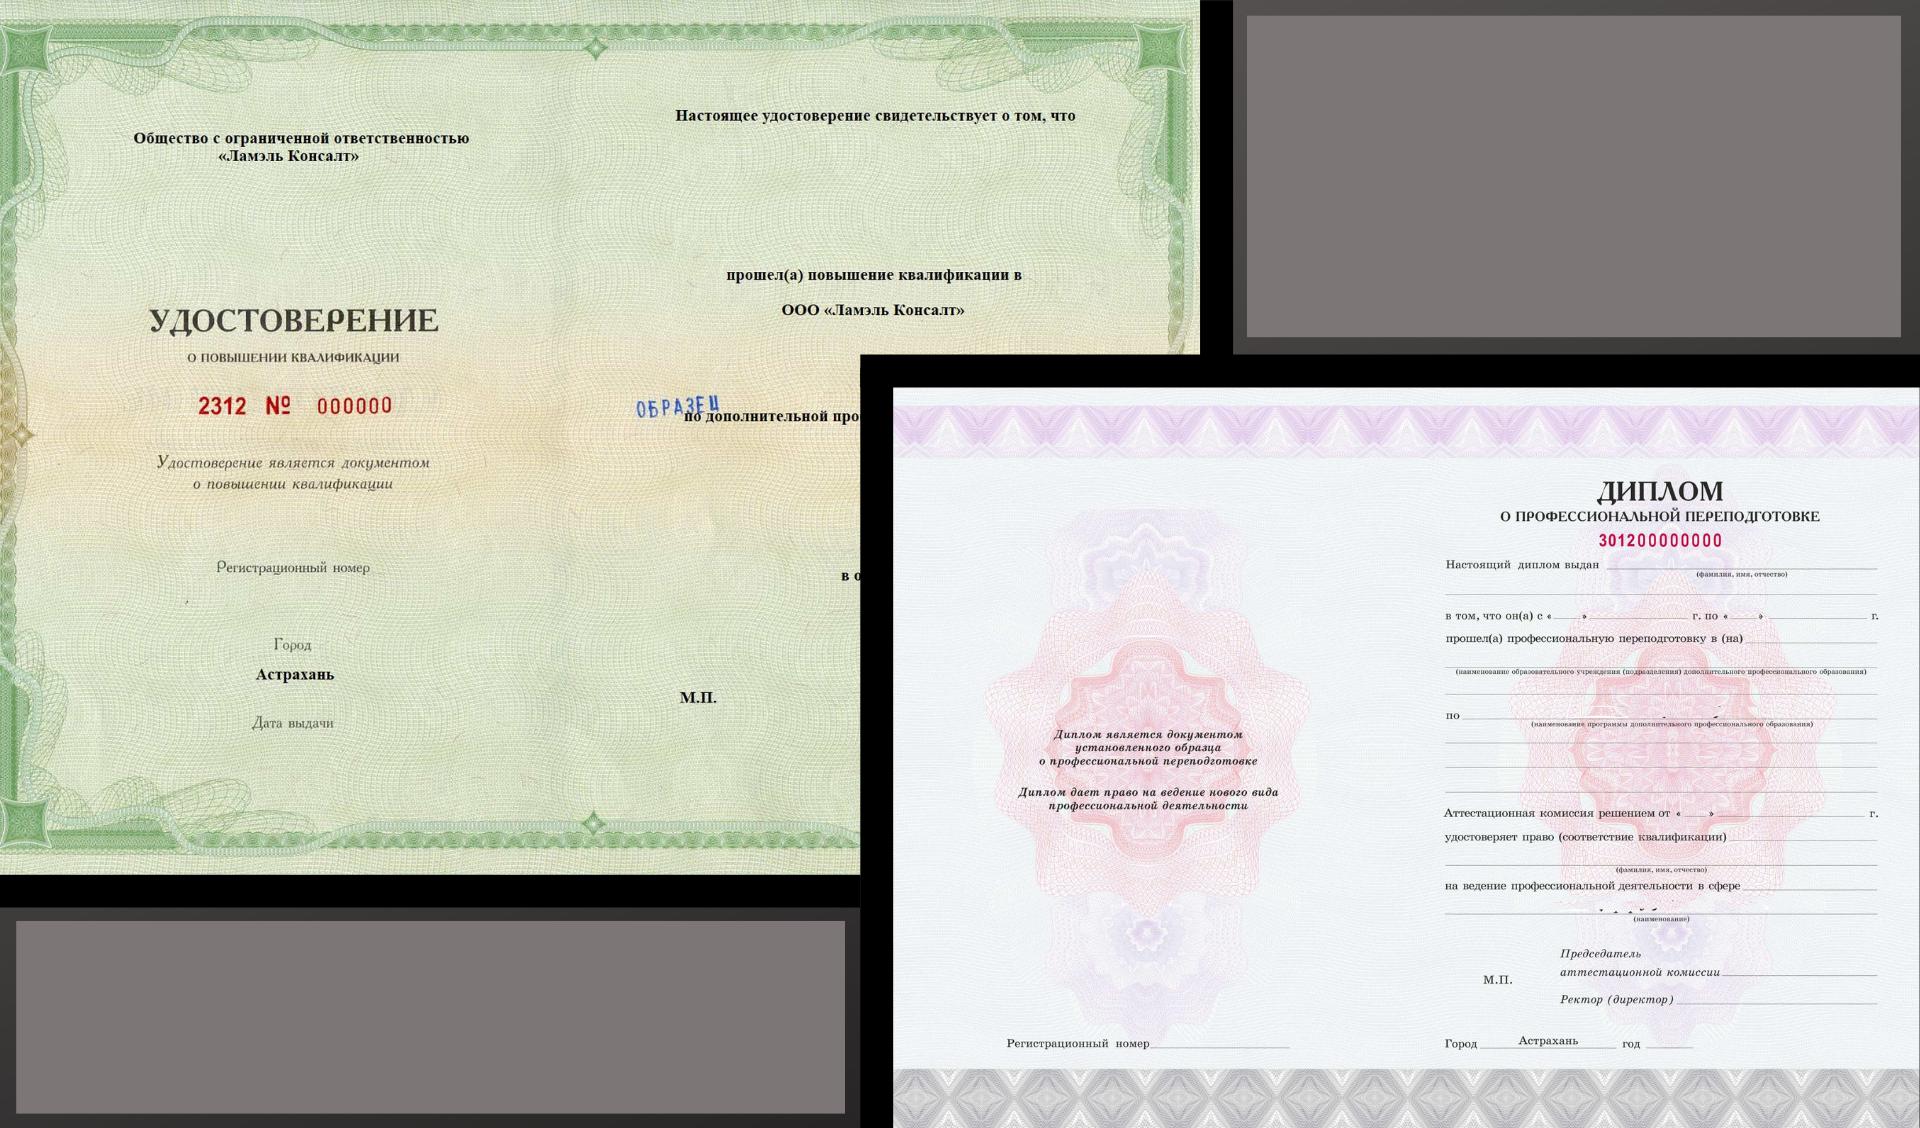 документы об окончании обучения